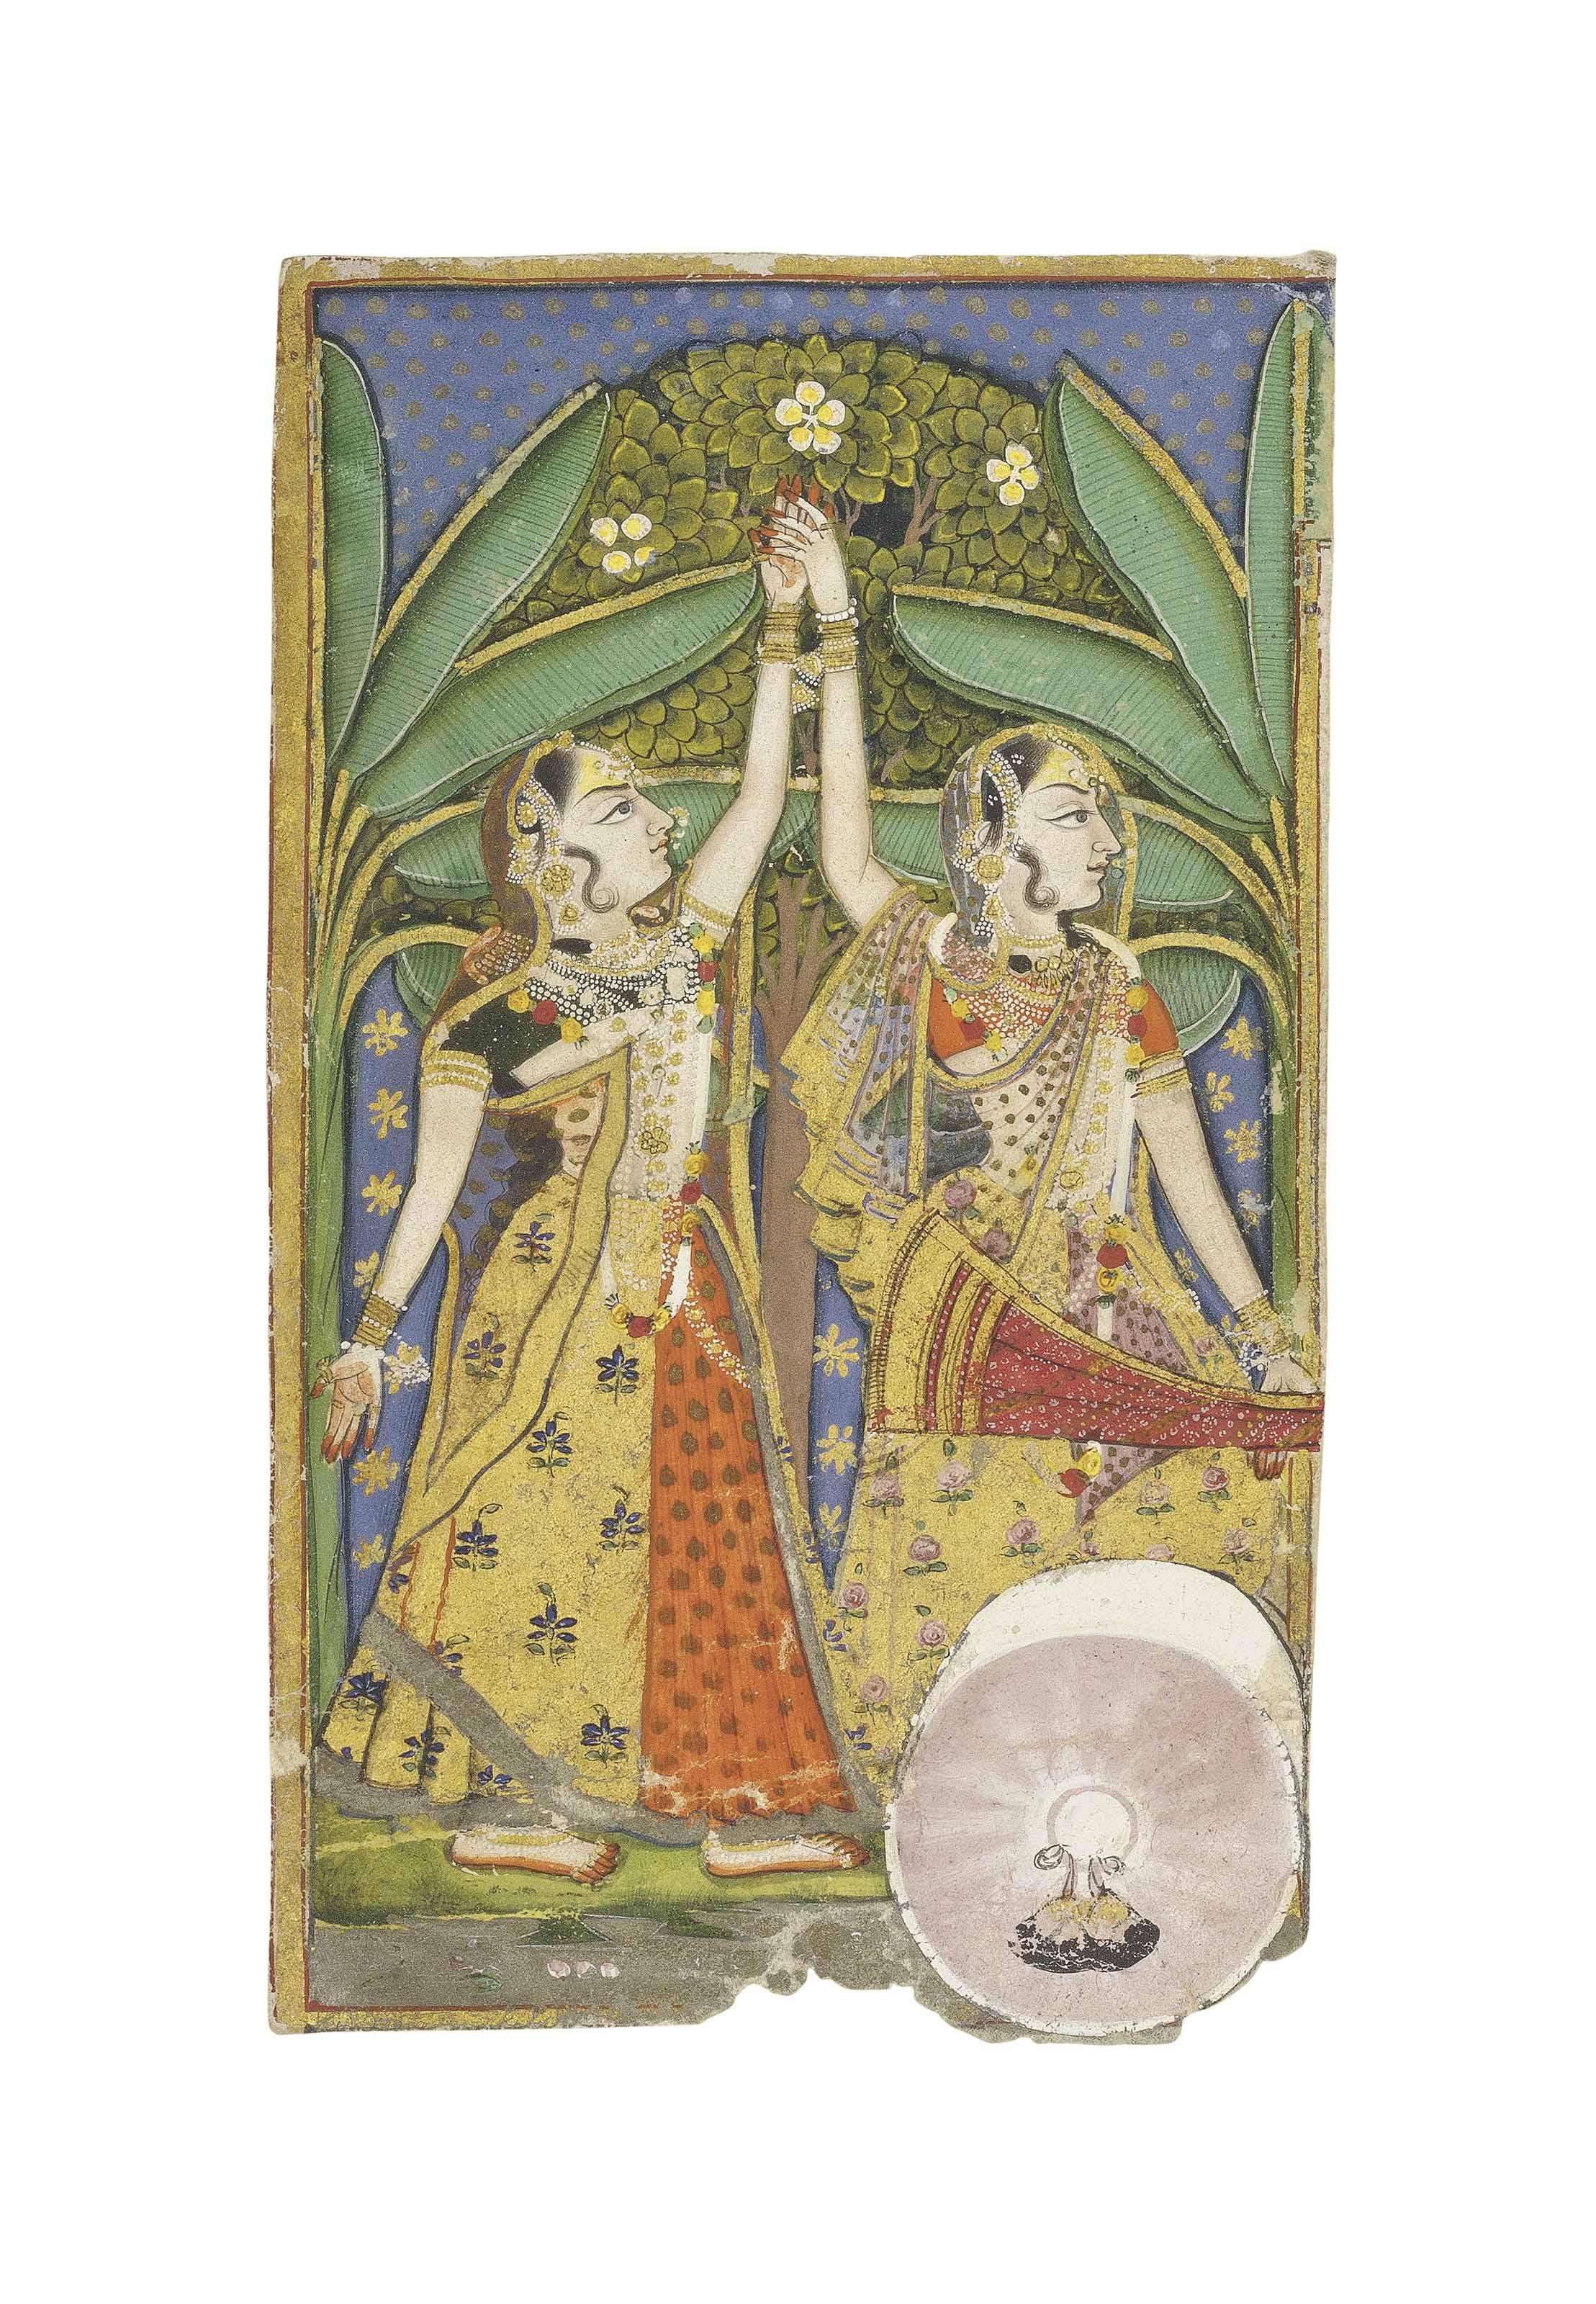 TWO DANCING LADIES